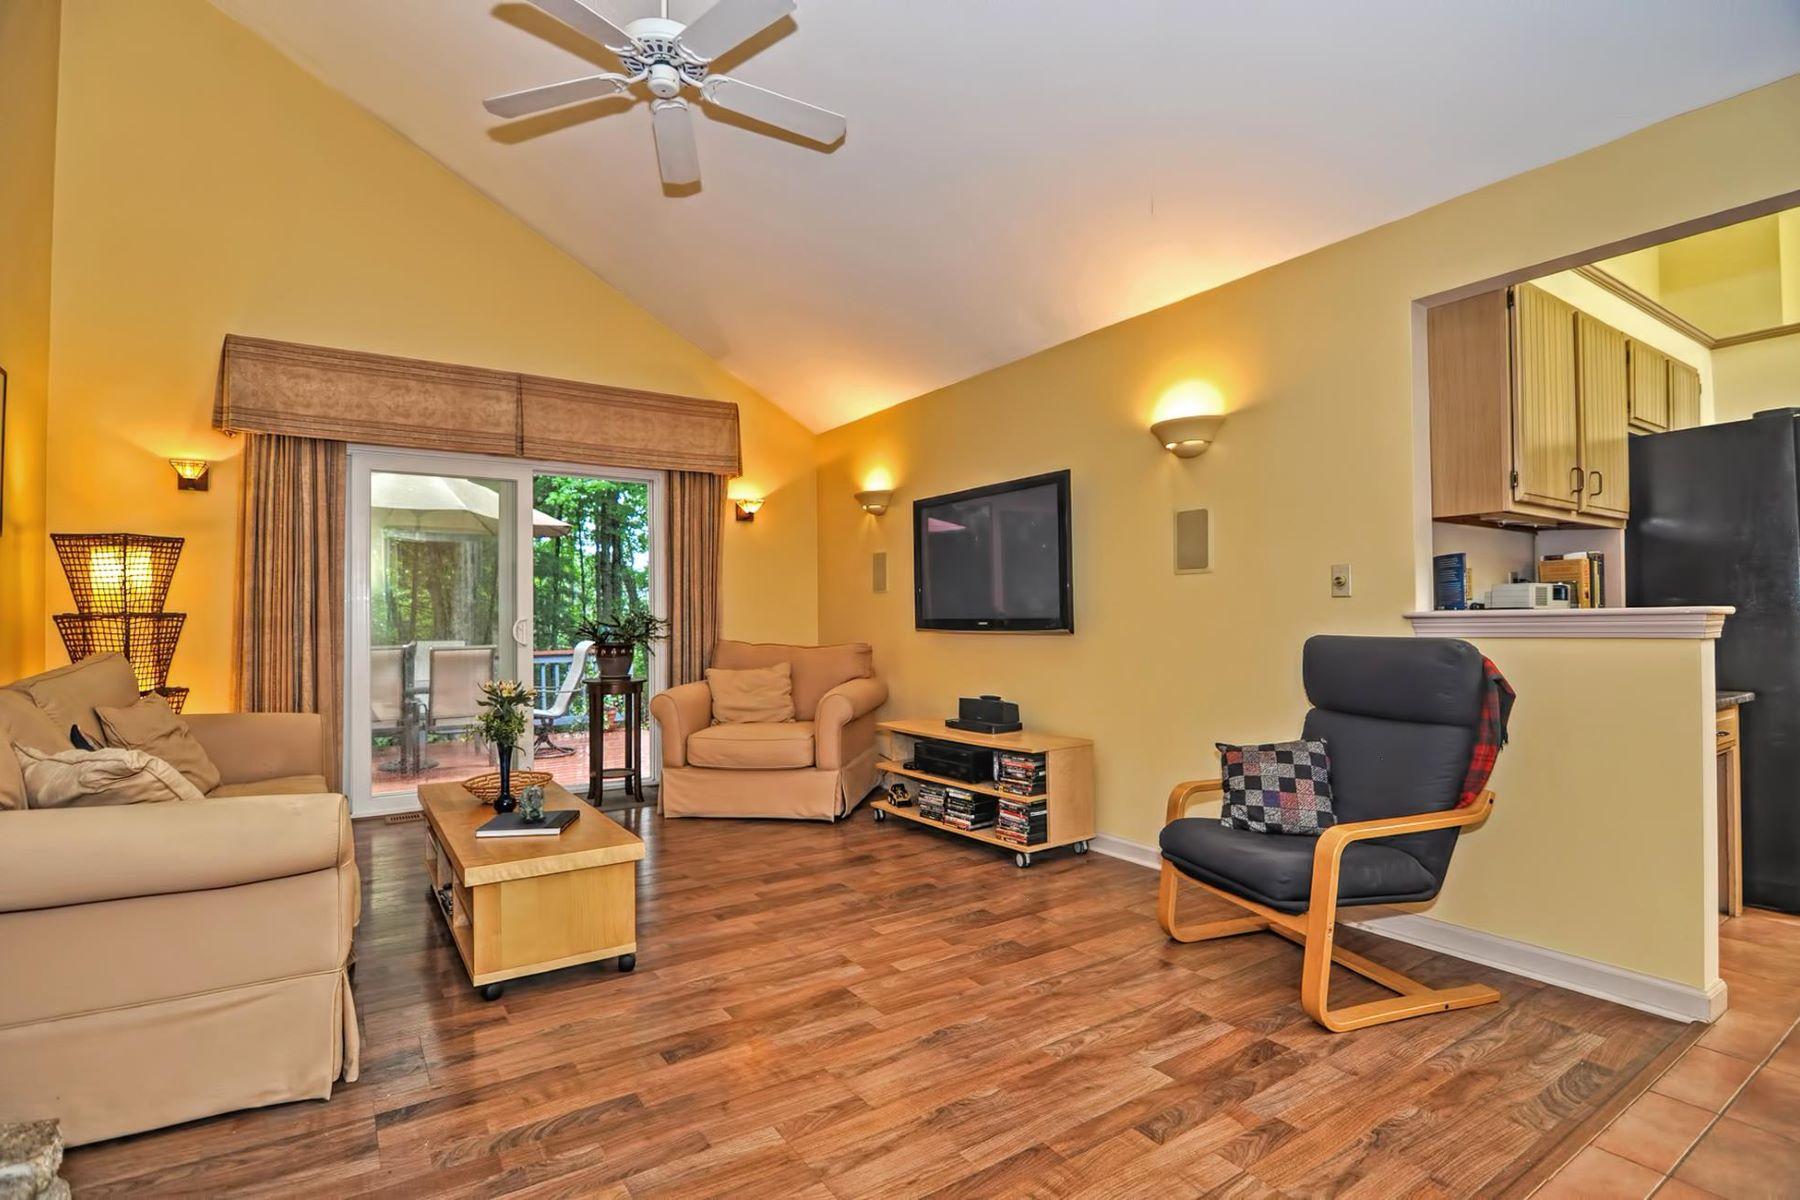 Additional photo for property listing at Custom Built Cape Style Home 38 Larcridge Lane Ashland, Massachusetts 01721 United States